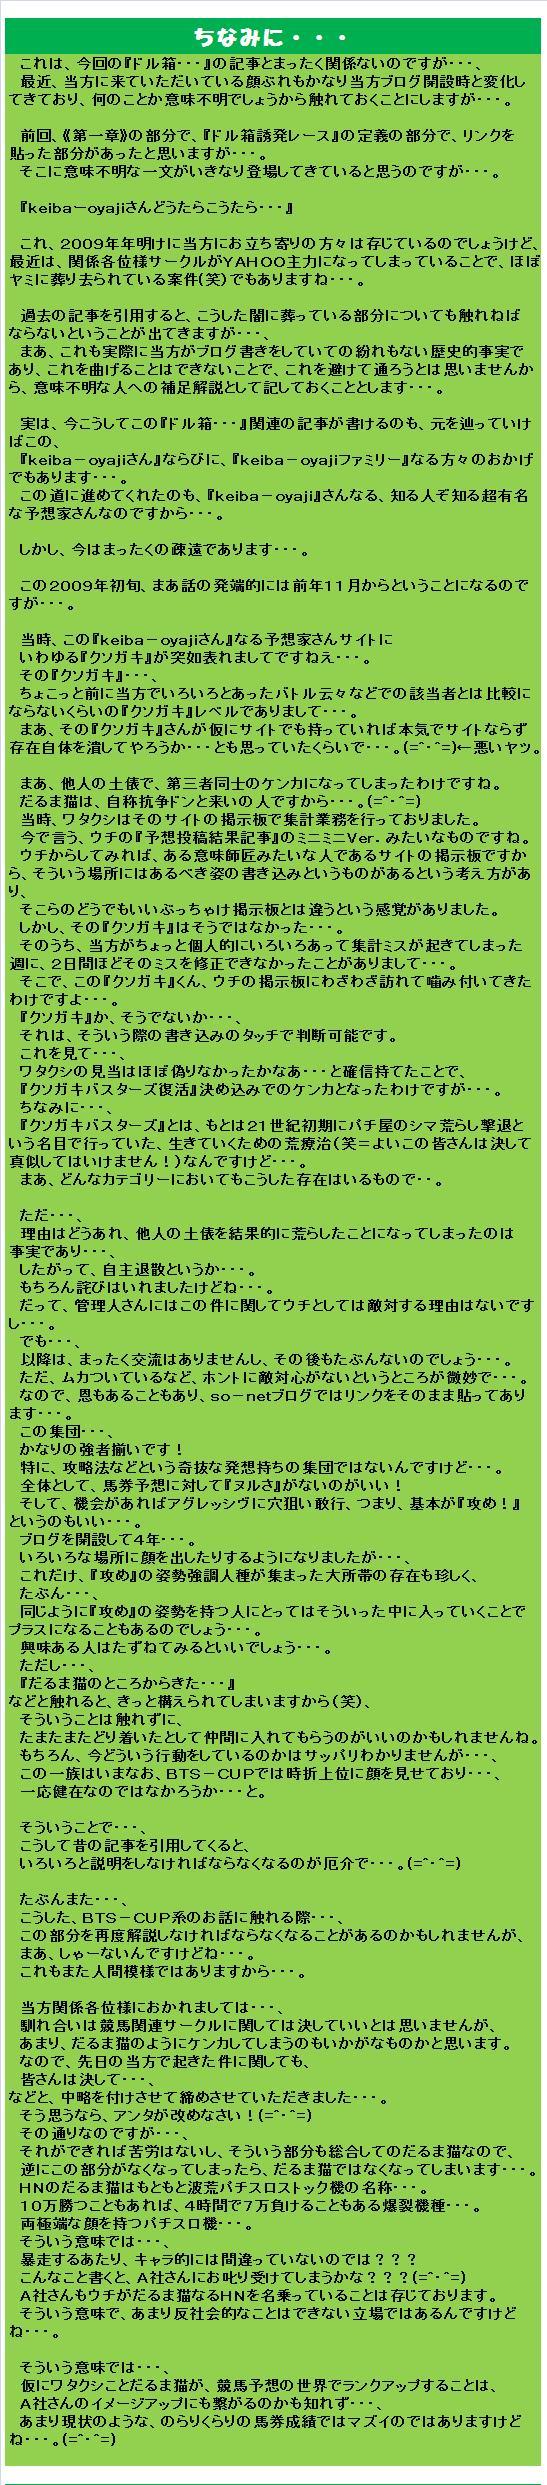 20101020・雑誌に載りました第二章③.jpg